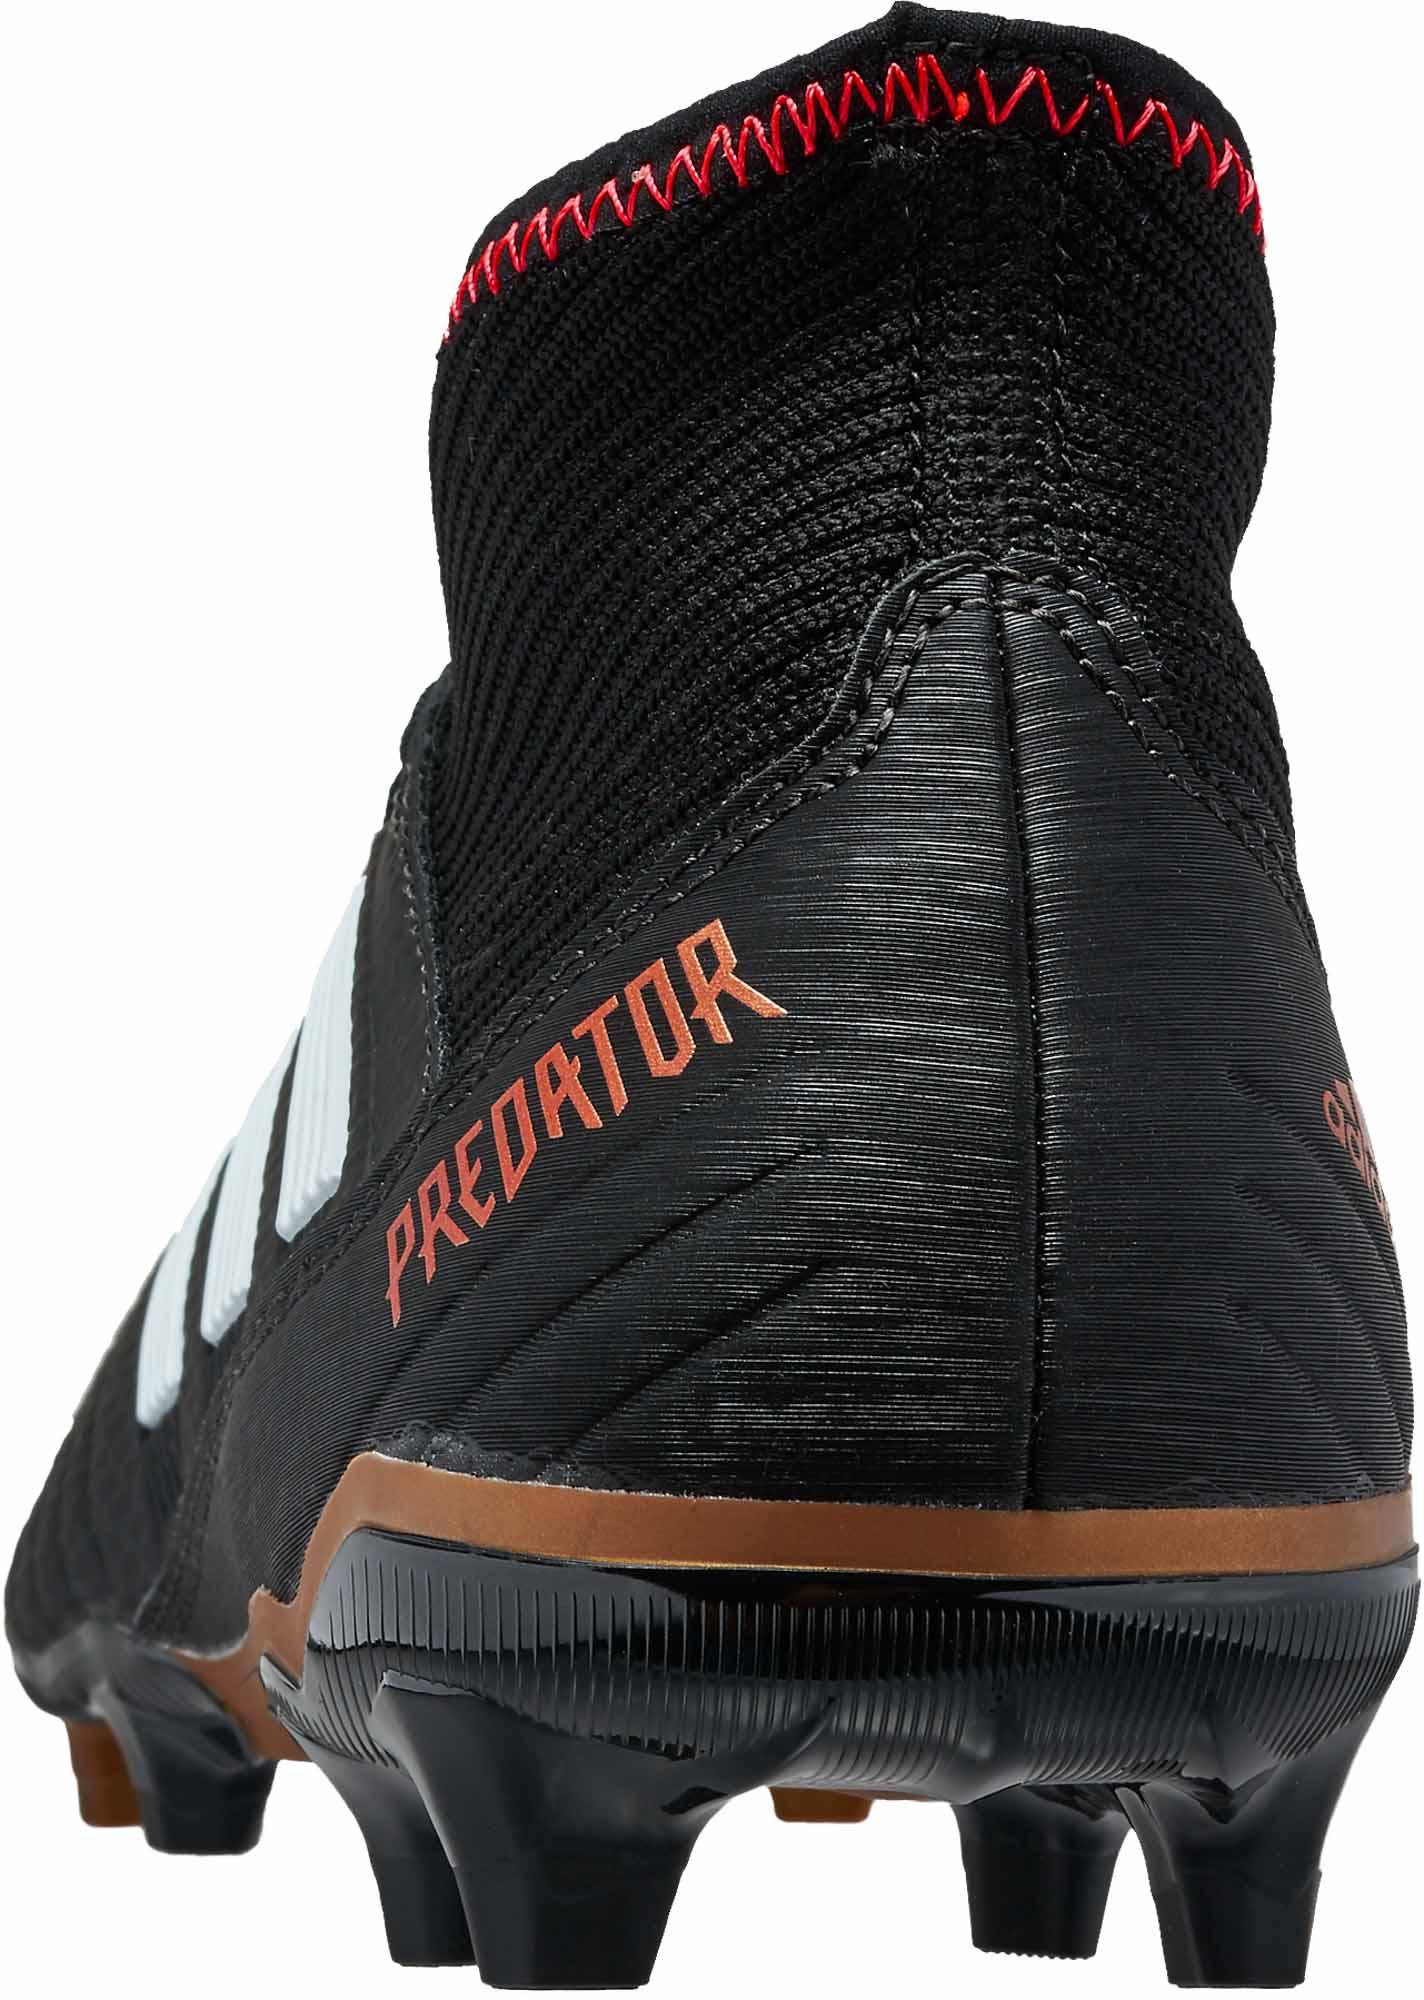 Adidas Predator 18,3 Opinión